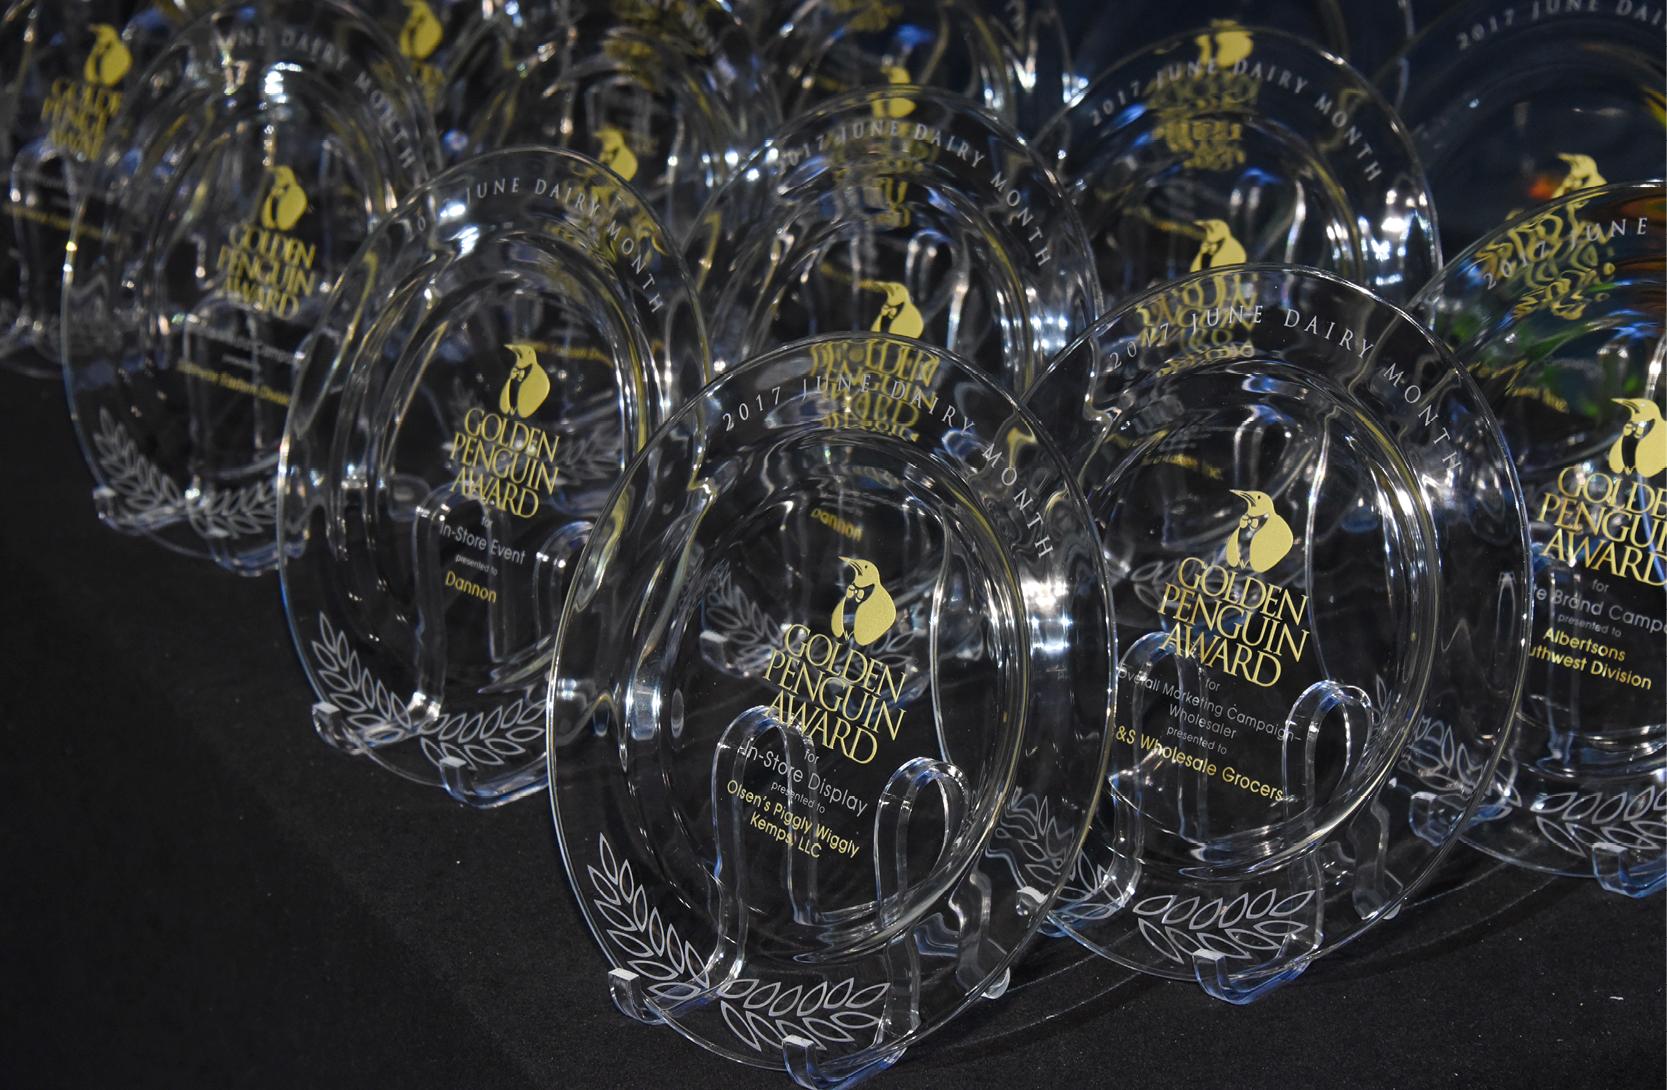 Golden Penguin Awards on table